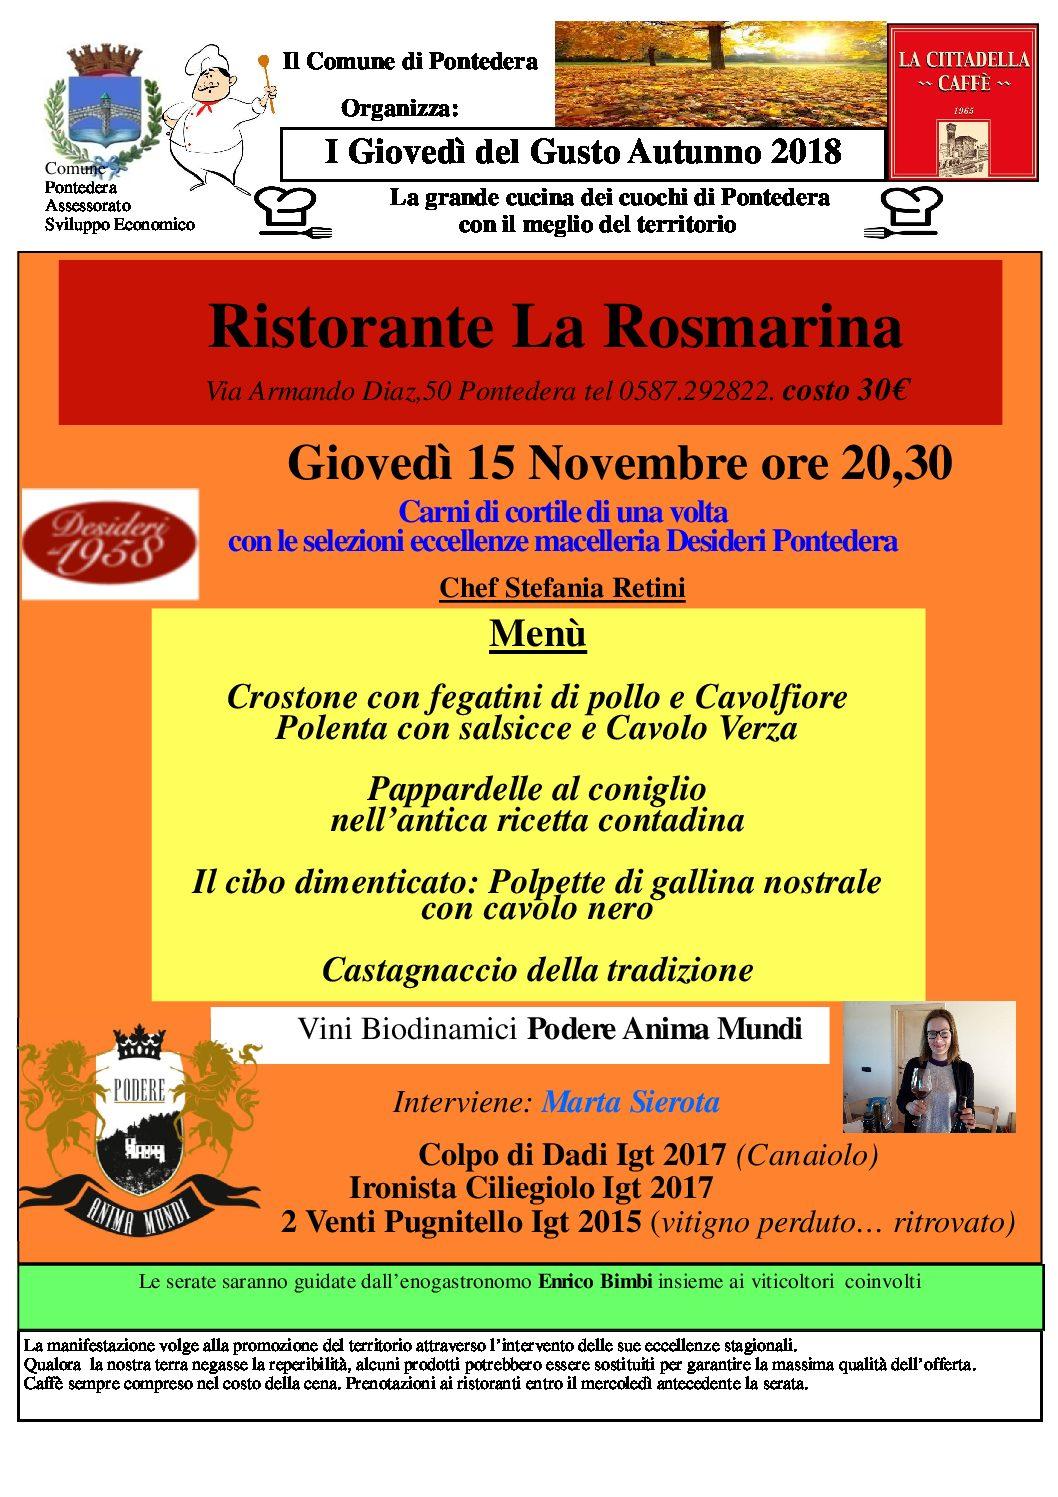 Al ristorante La Rosmarina di Pontedera il primo fantastico Giovedì del Gusto con i vini del Podere Anima Mundi